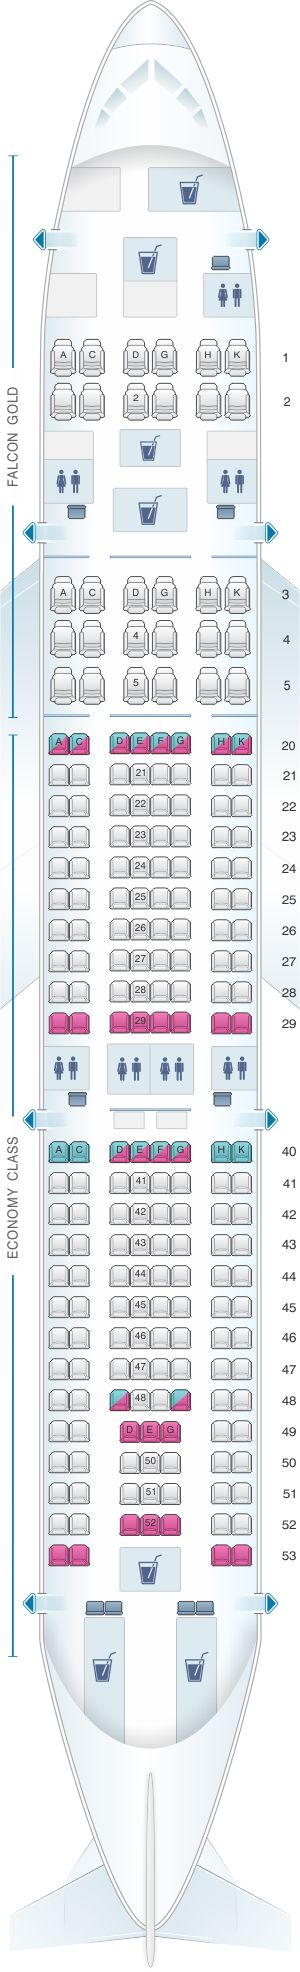 Seat Map Gulf Air Airbus A330 200 Config. 2